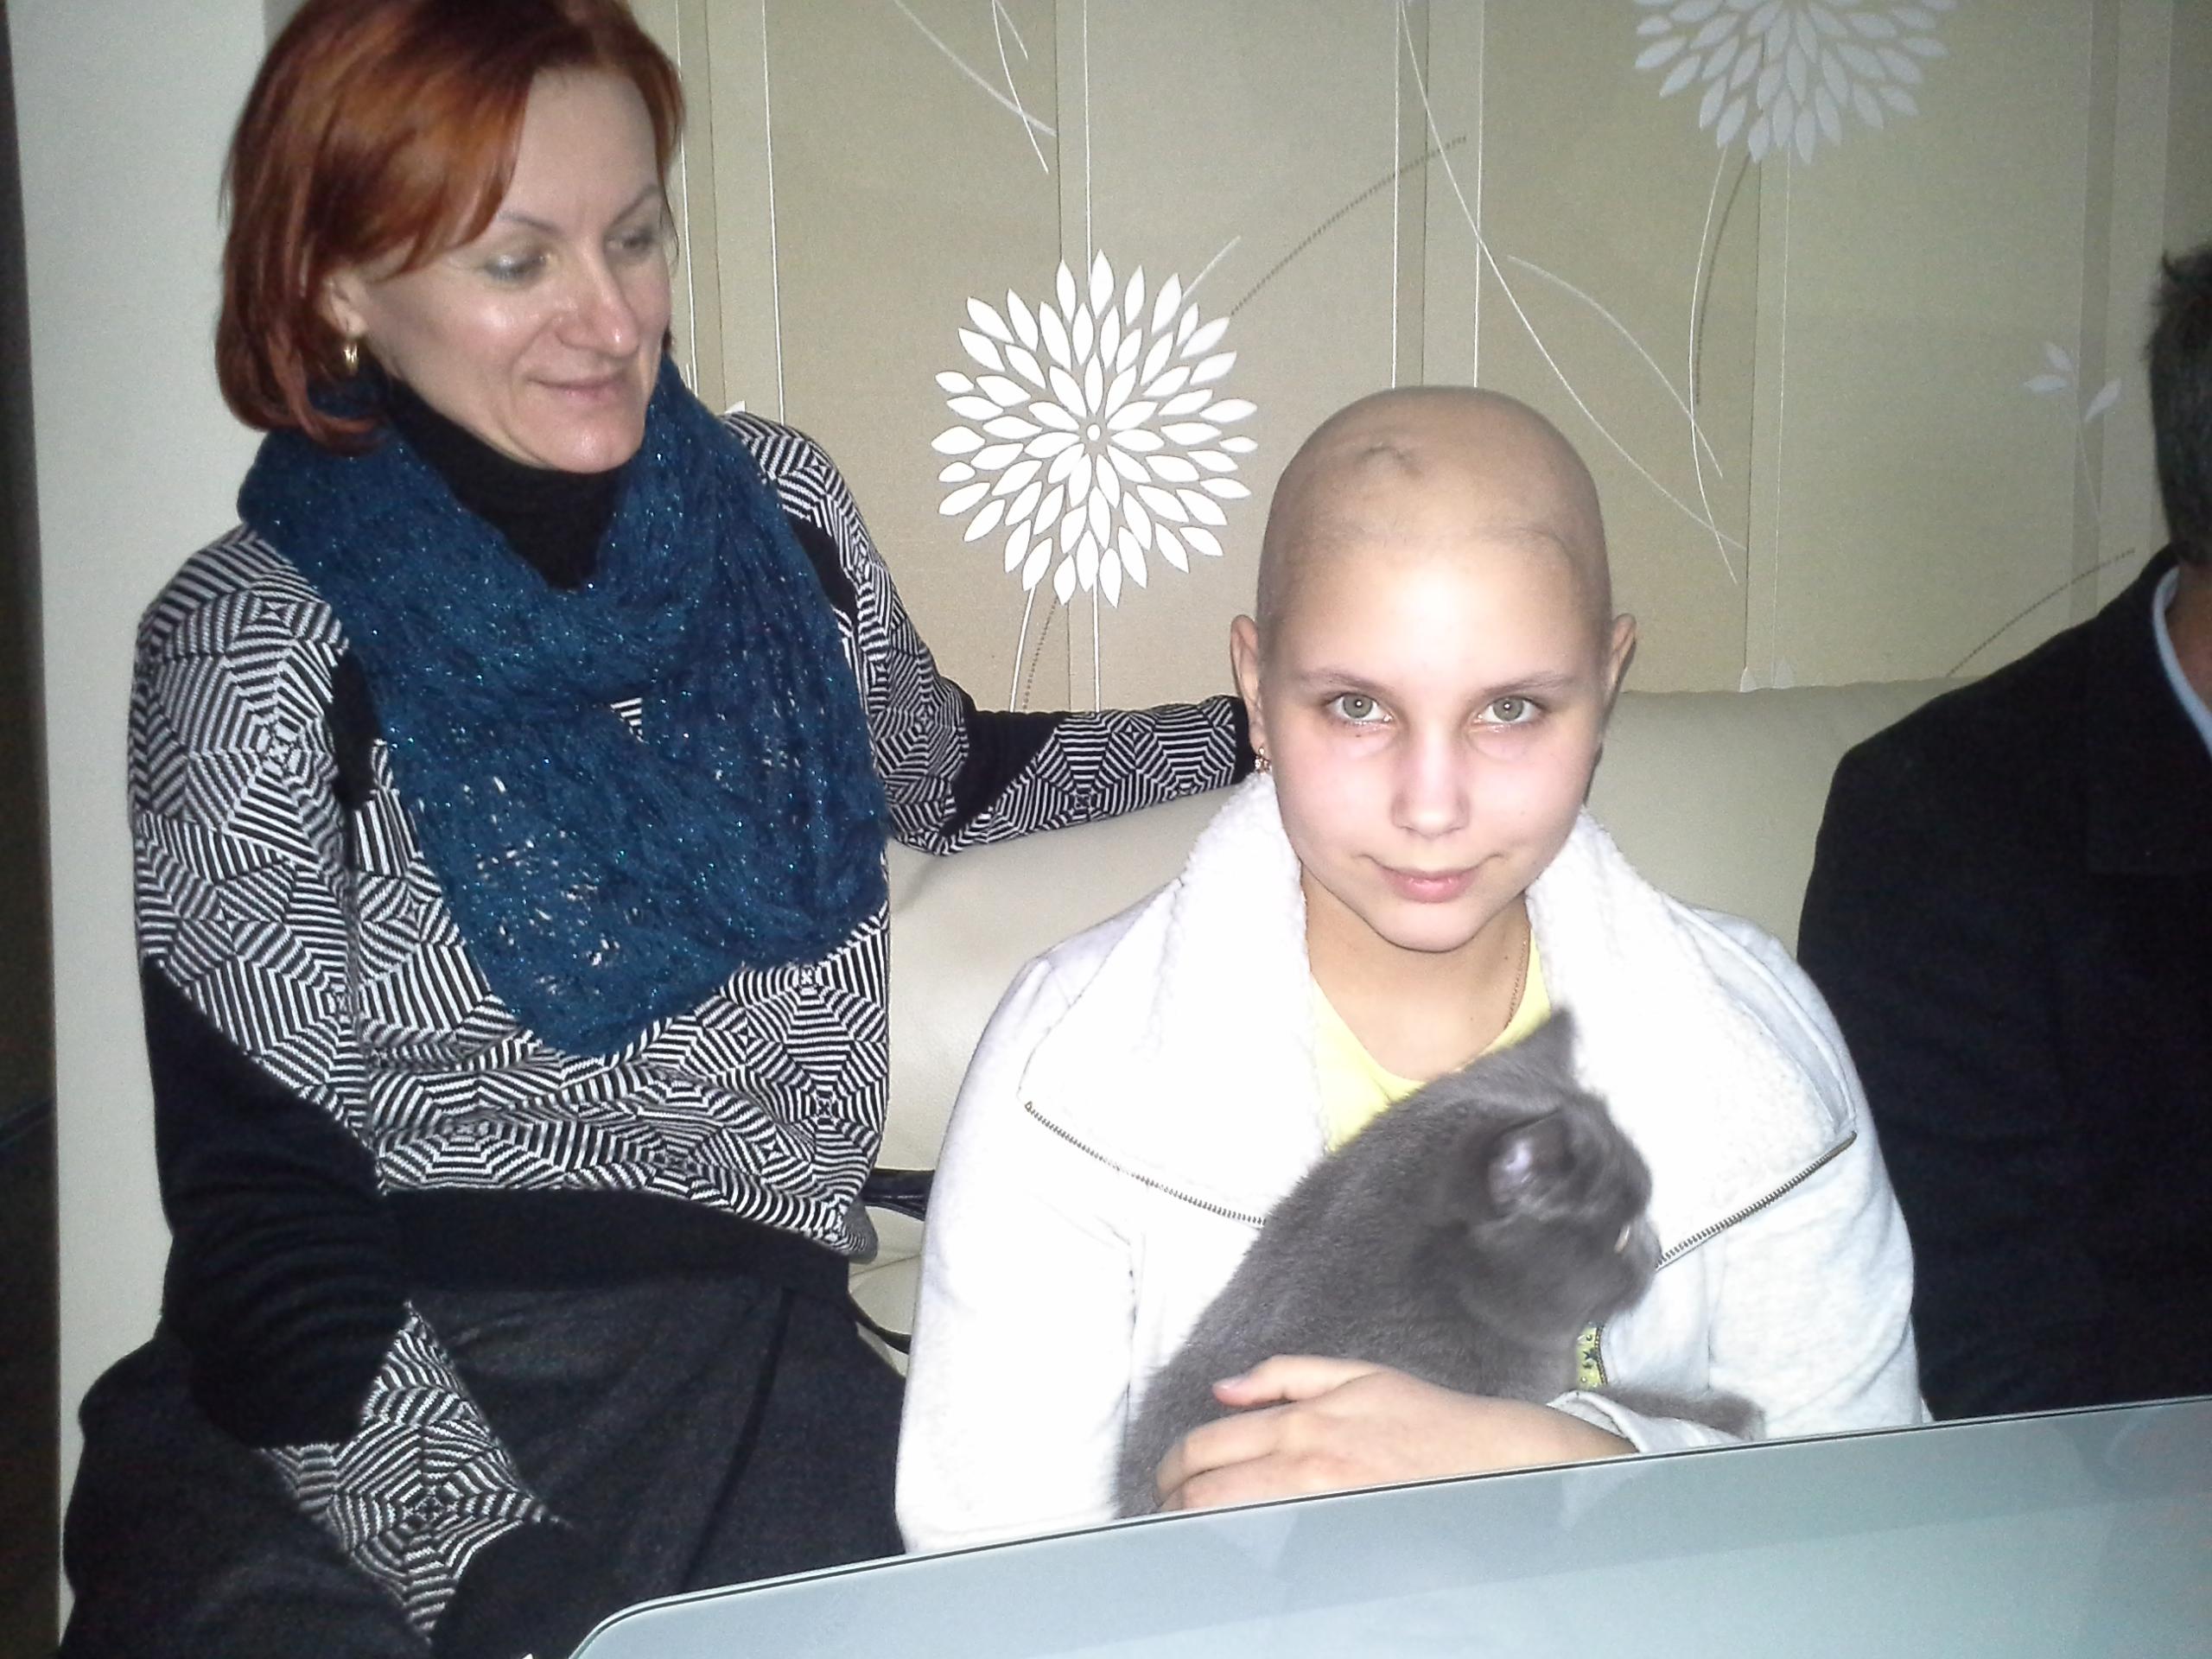 """Veronika Semenjuk musste sich in Berlin mehrfach Hirn-Operationen unterziehen. Unser Verein unterstützte sie mit einer finanziellen Spende. Auf dem Foto Veronika mit Maria Peschko, der Vorsitzenden des Vereins """"Kinder in Not"""", Brest."""